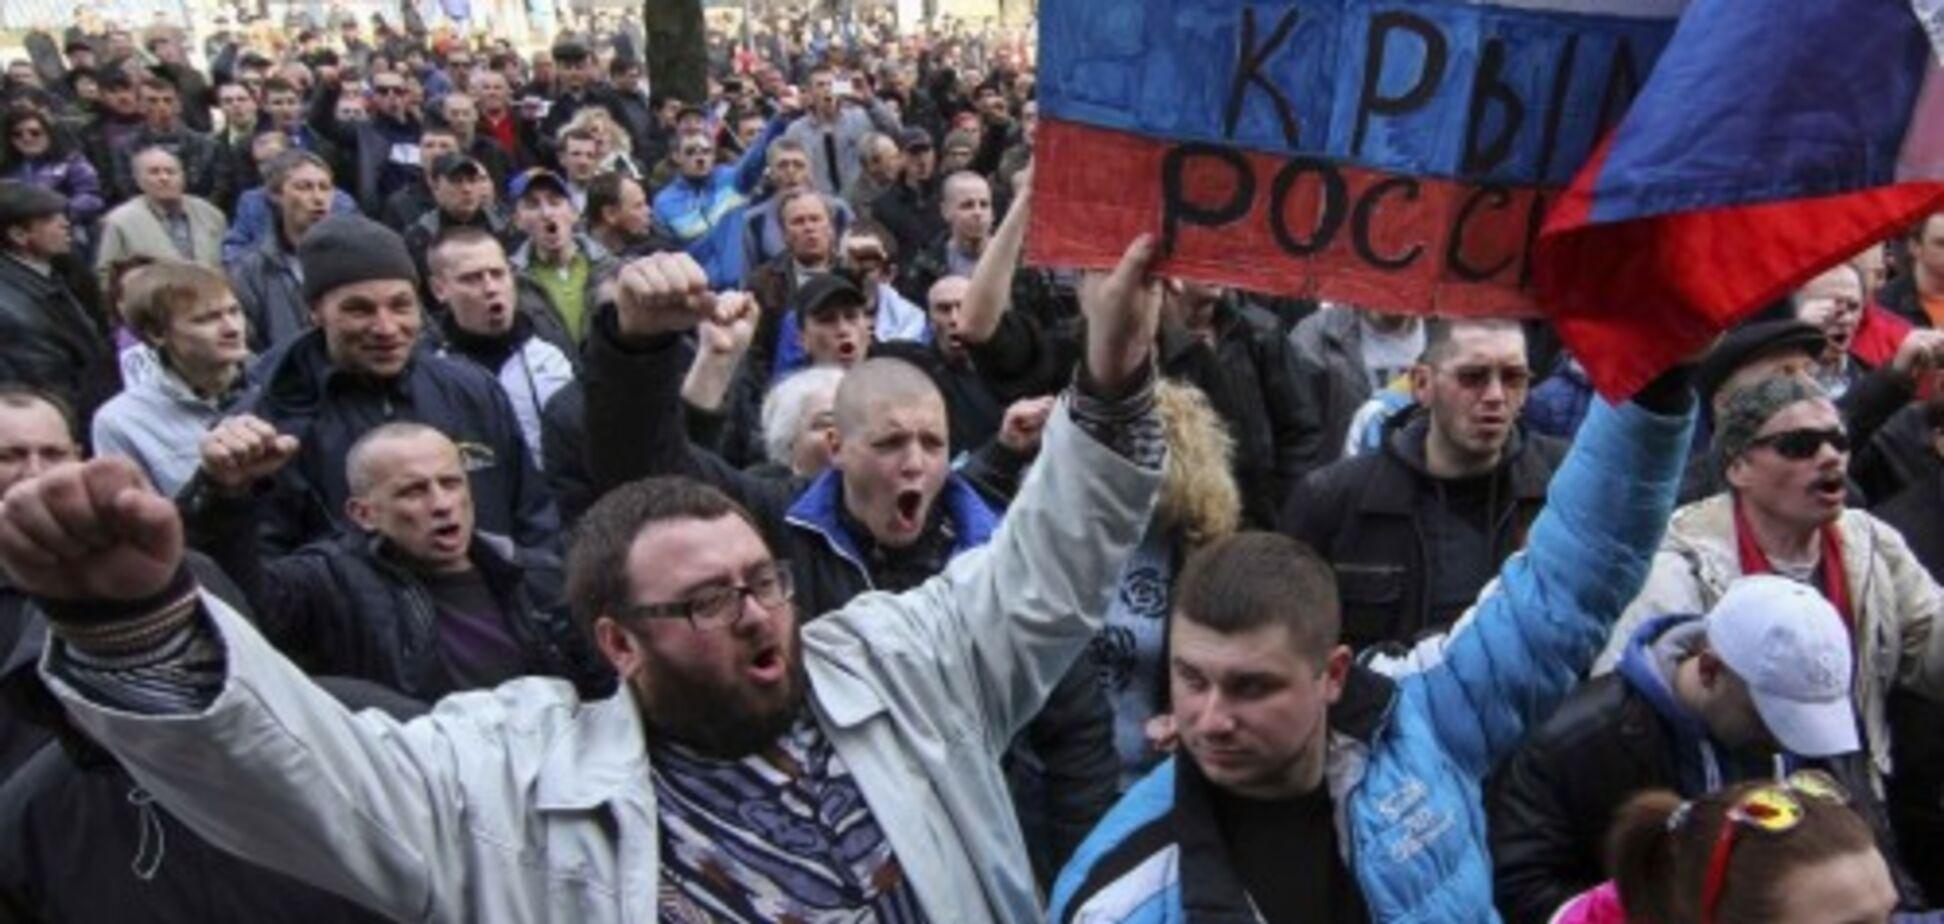 Протести на Донбасі